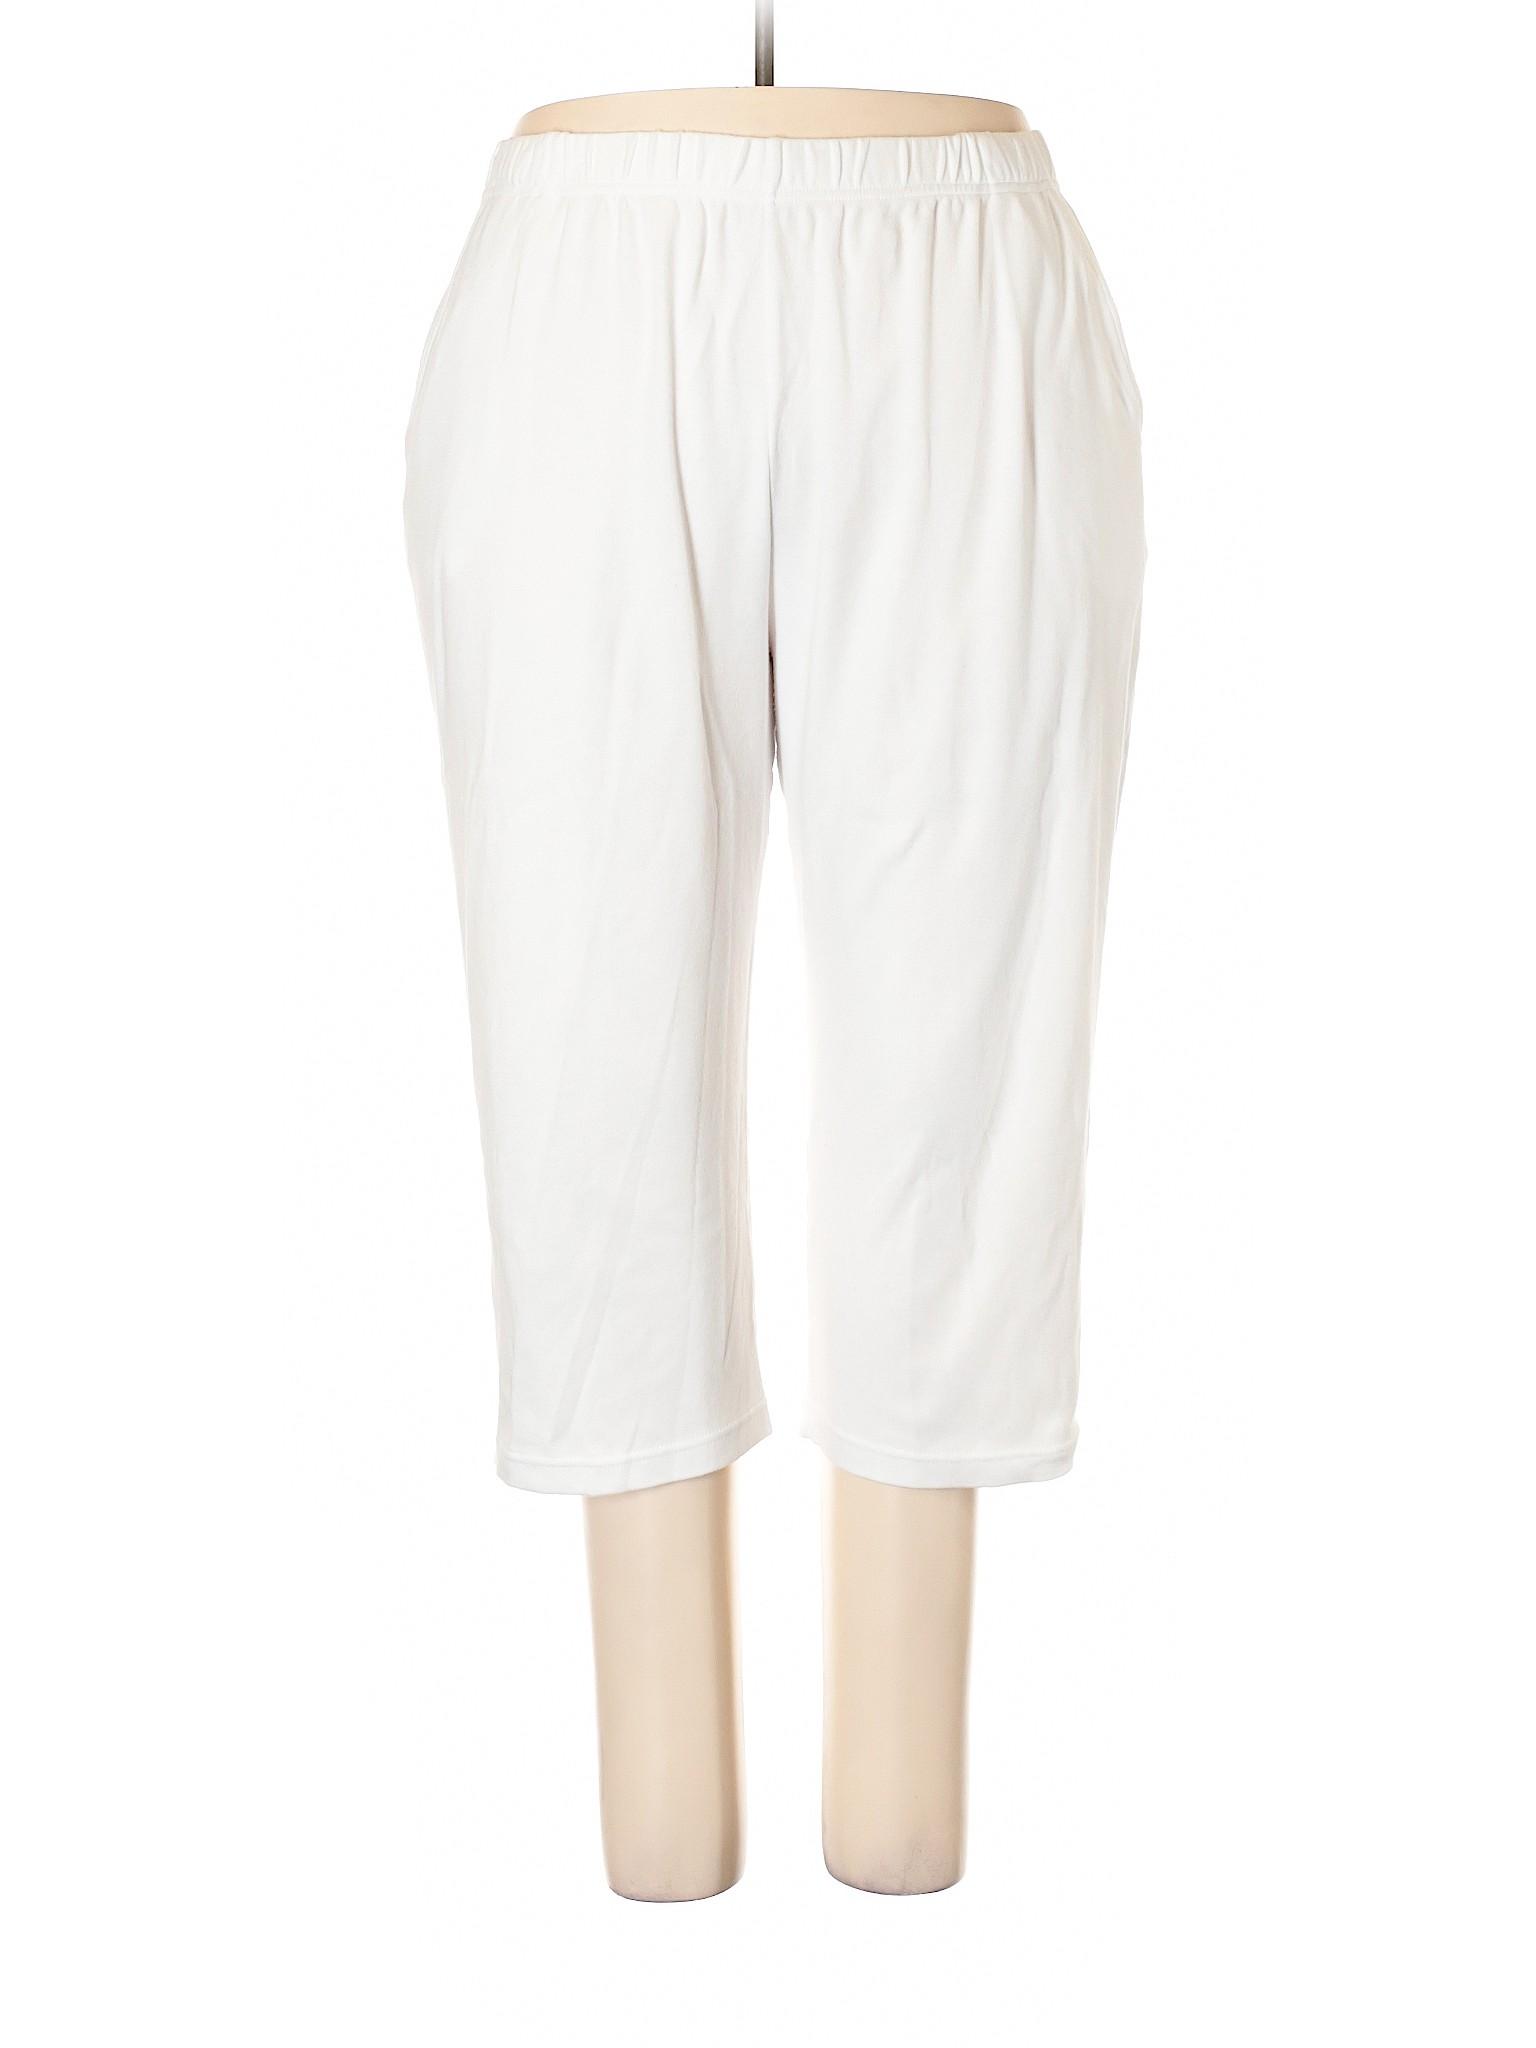 leisure Boutique leisure Sweatpants Within Woman Boutique 7E8wqavf